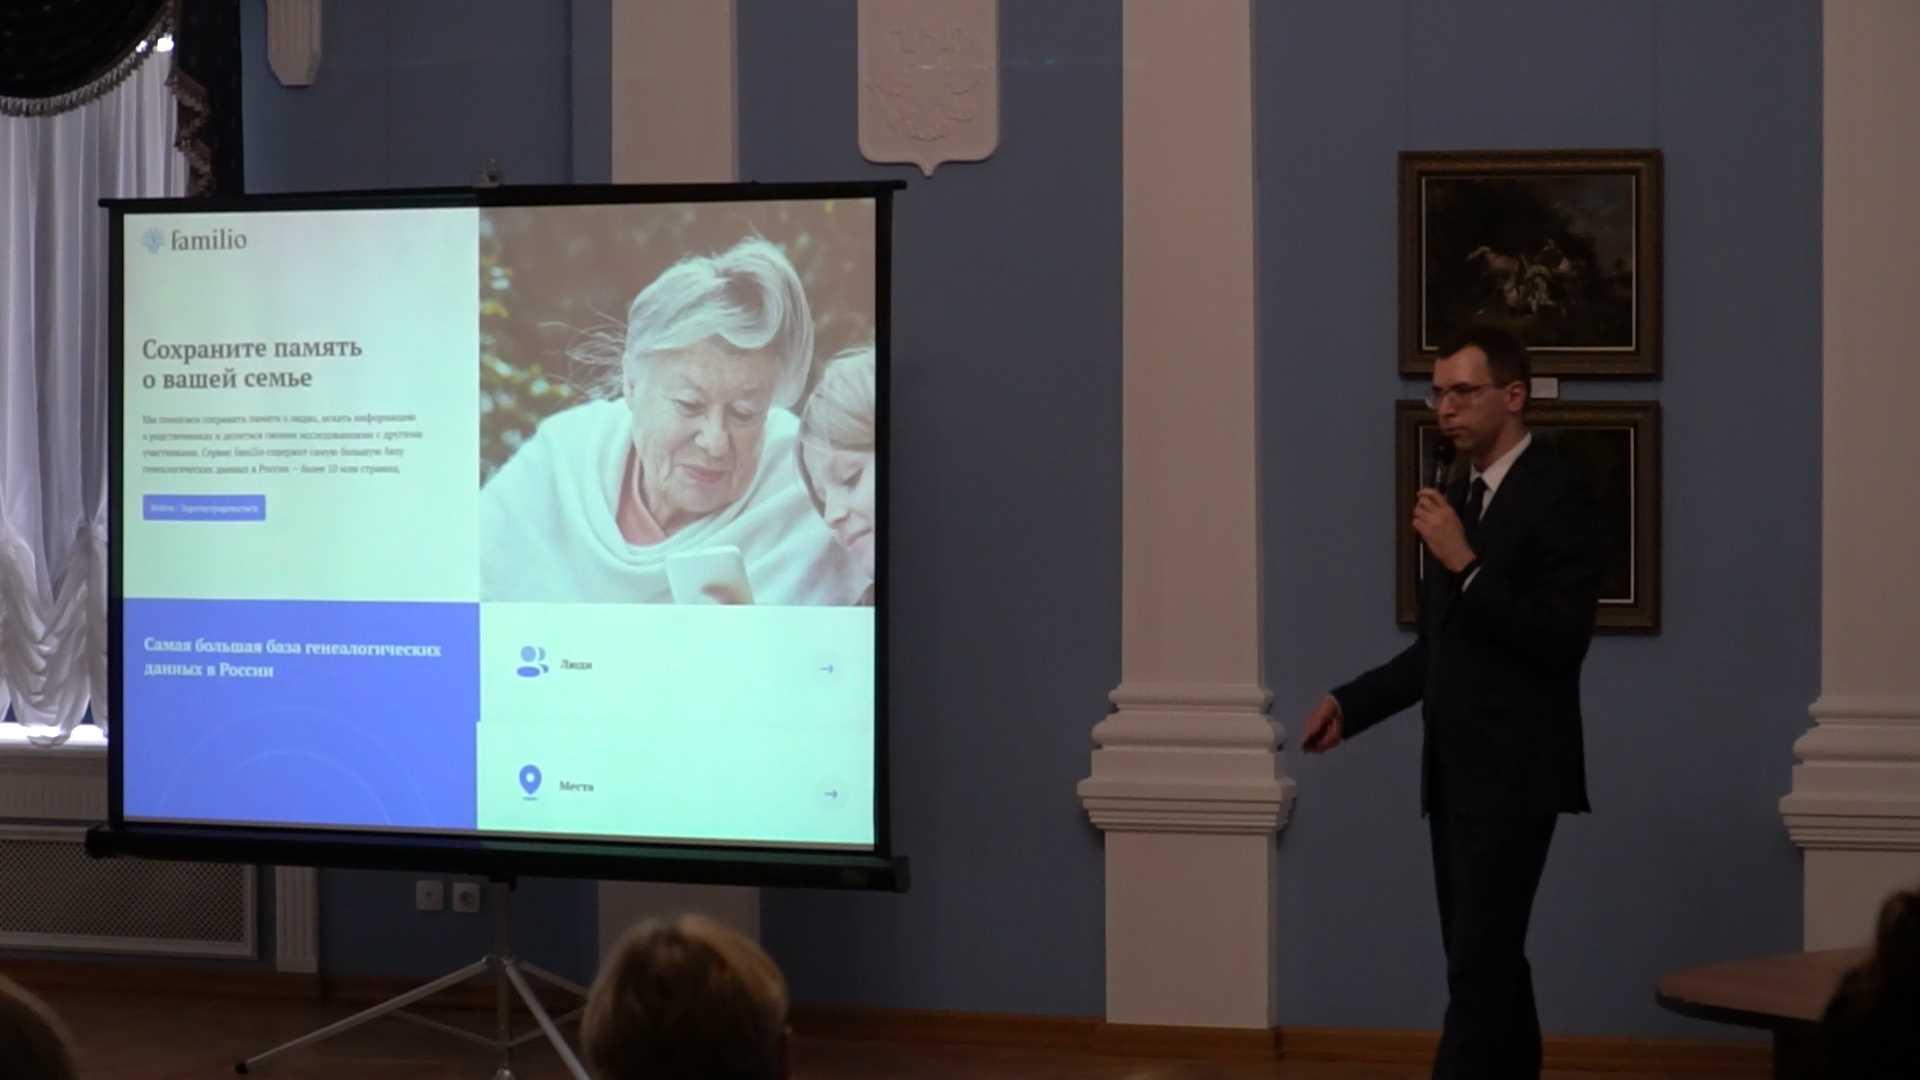 Костромская область стала пилотной площадкой для новой социальной сети